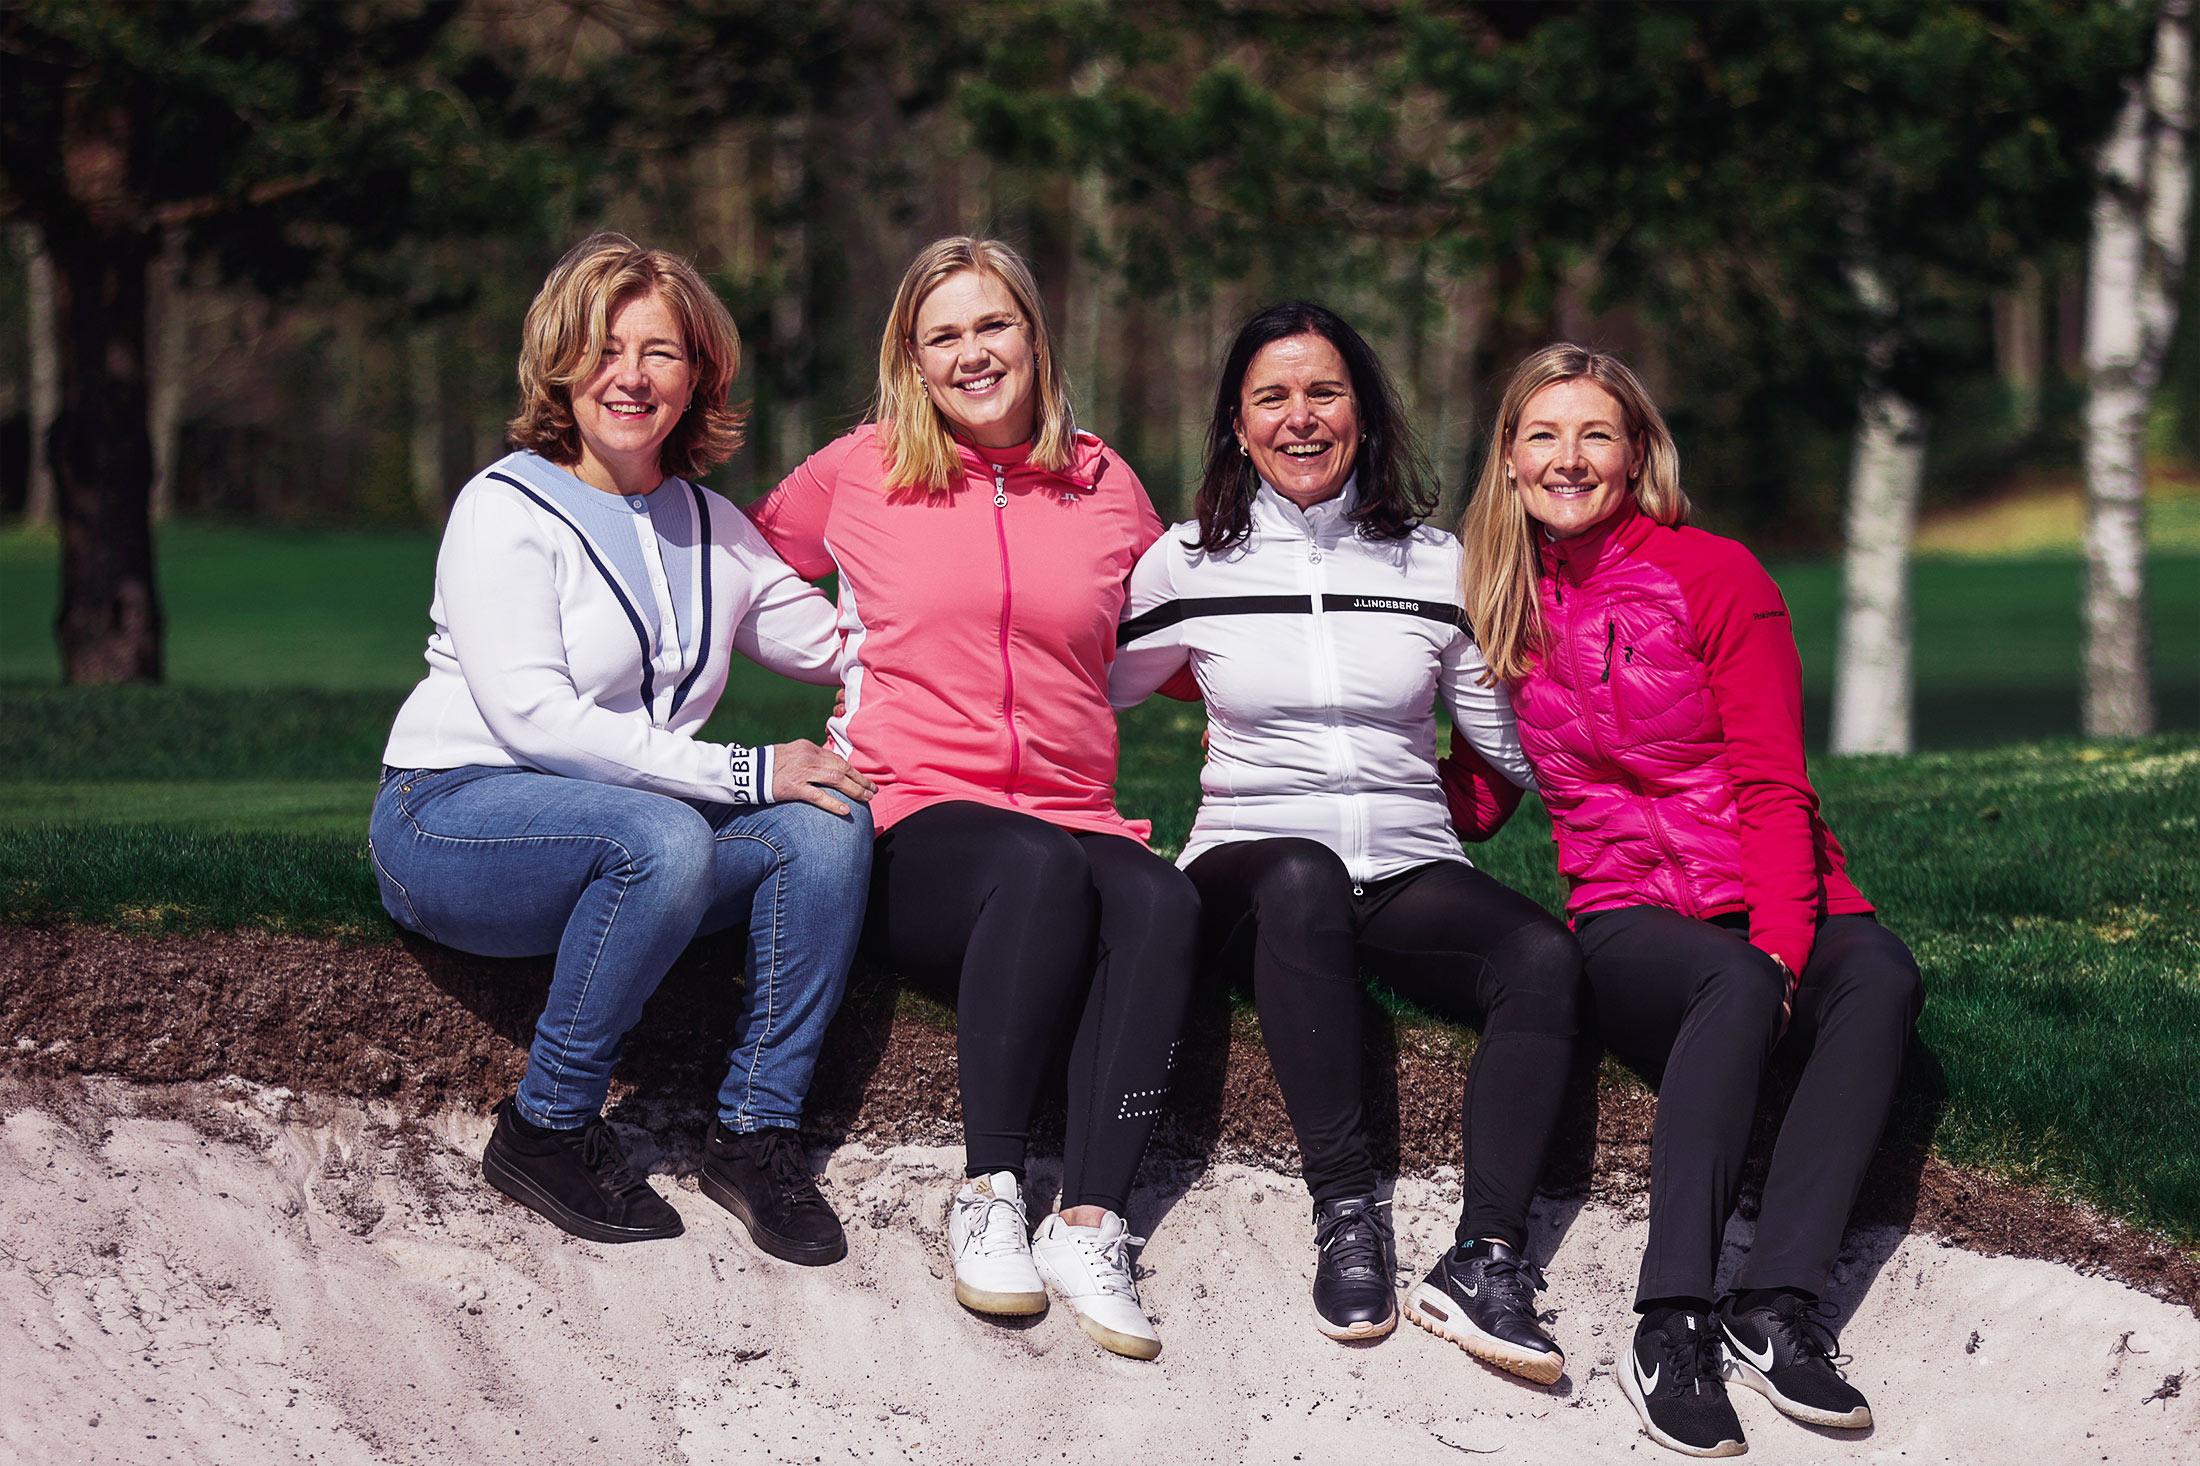 Minea Blomqvist-Kakko perustaa naisille suunnatun Minni&Friends -golfyhteisön edistääkseen naisten golfia ja lajin uudistumista.